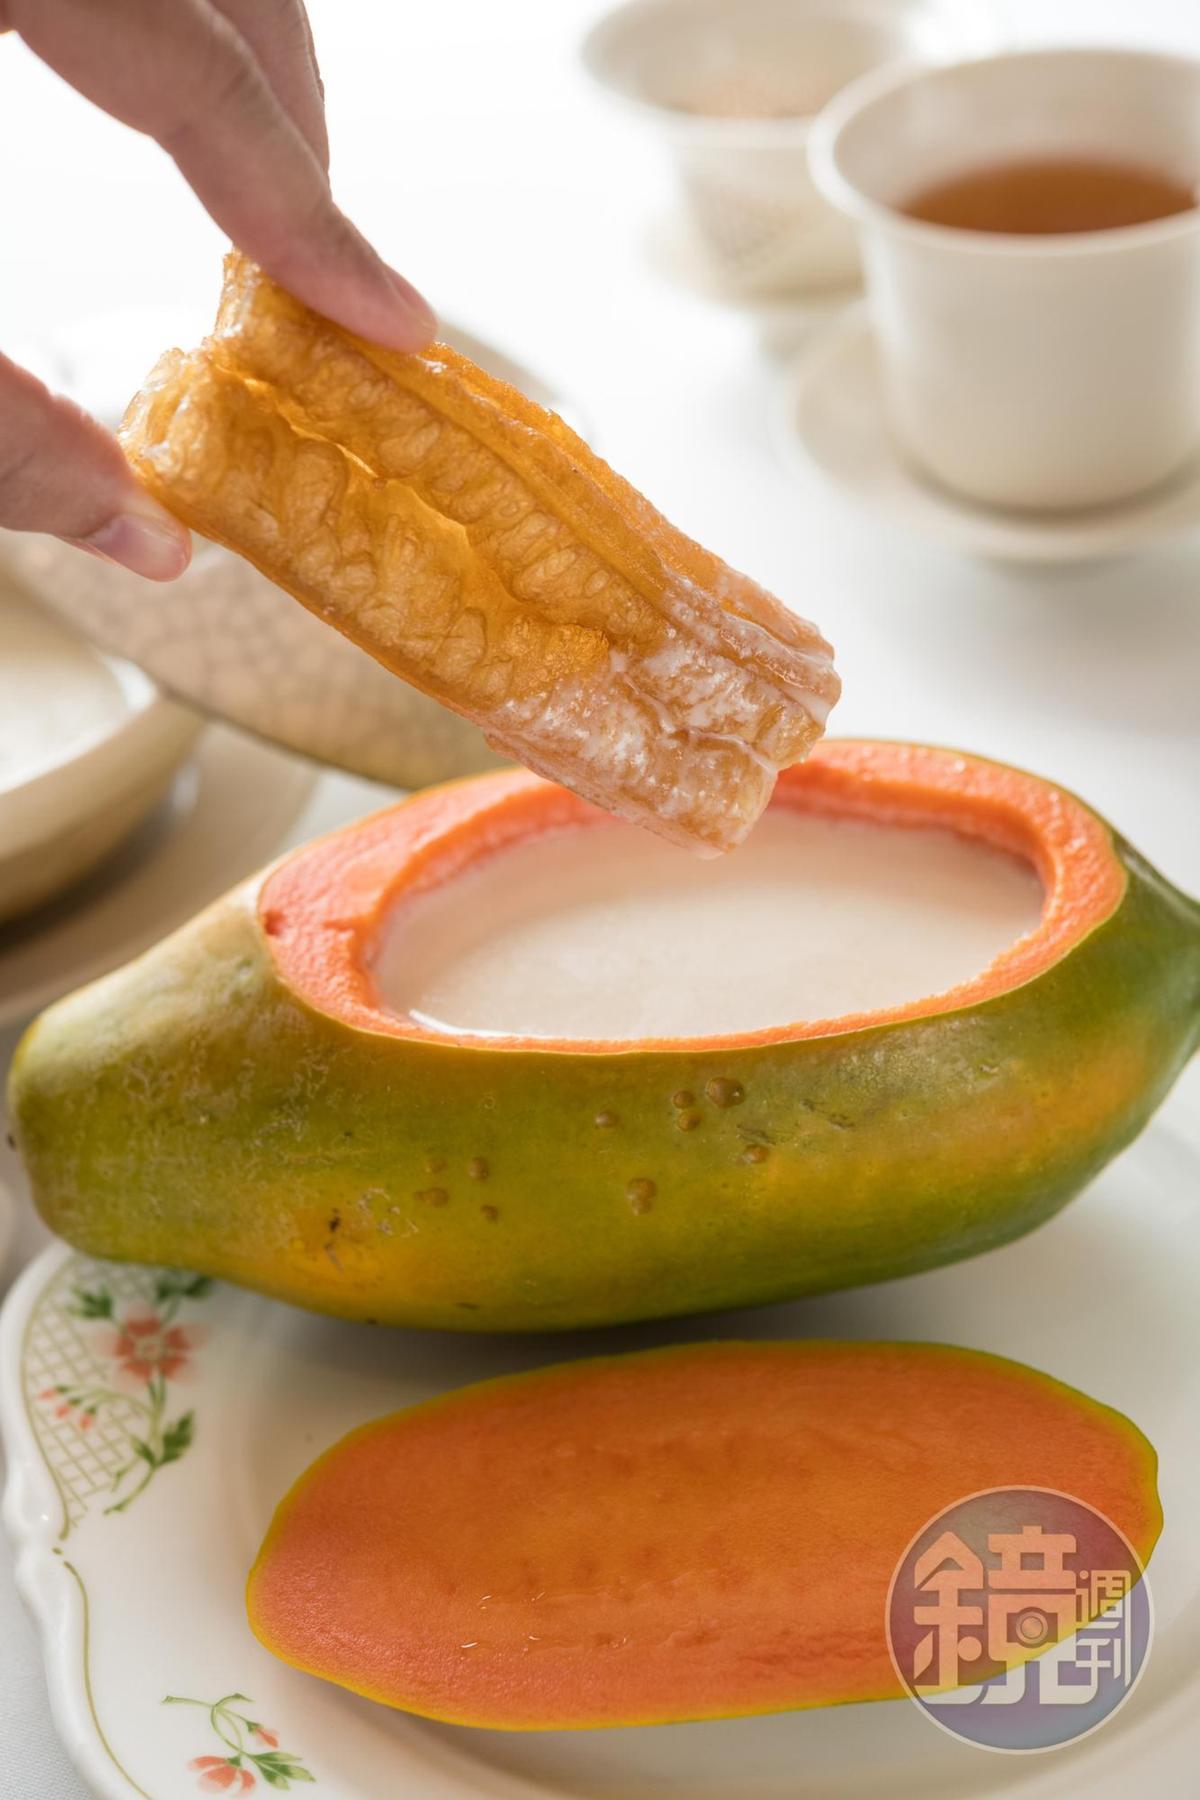 「木瓜杏仁露」把自製杏仁茶熬熱沖入鮮木瓜,化了生木瓜的腥,也少了杏仁的衝味。(280元/份)